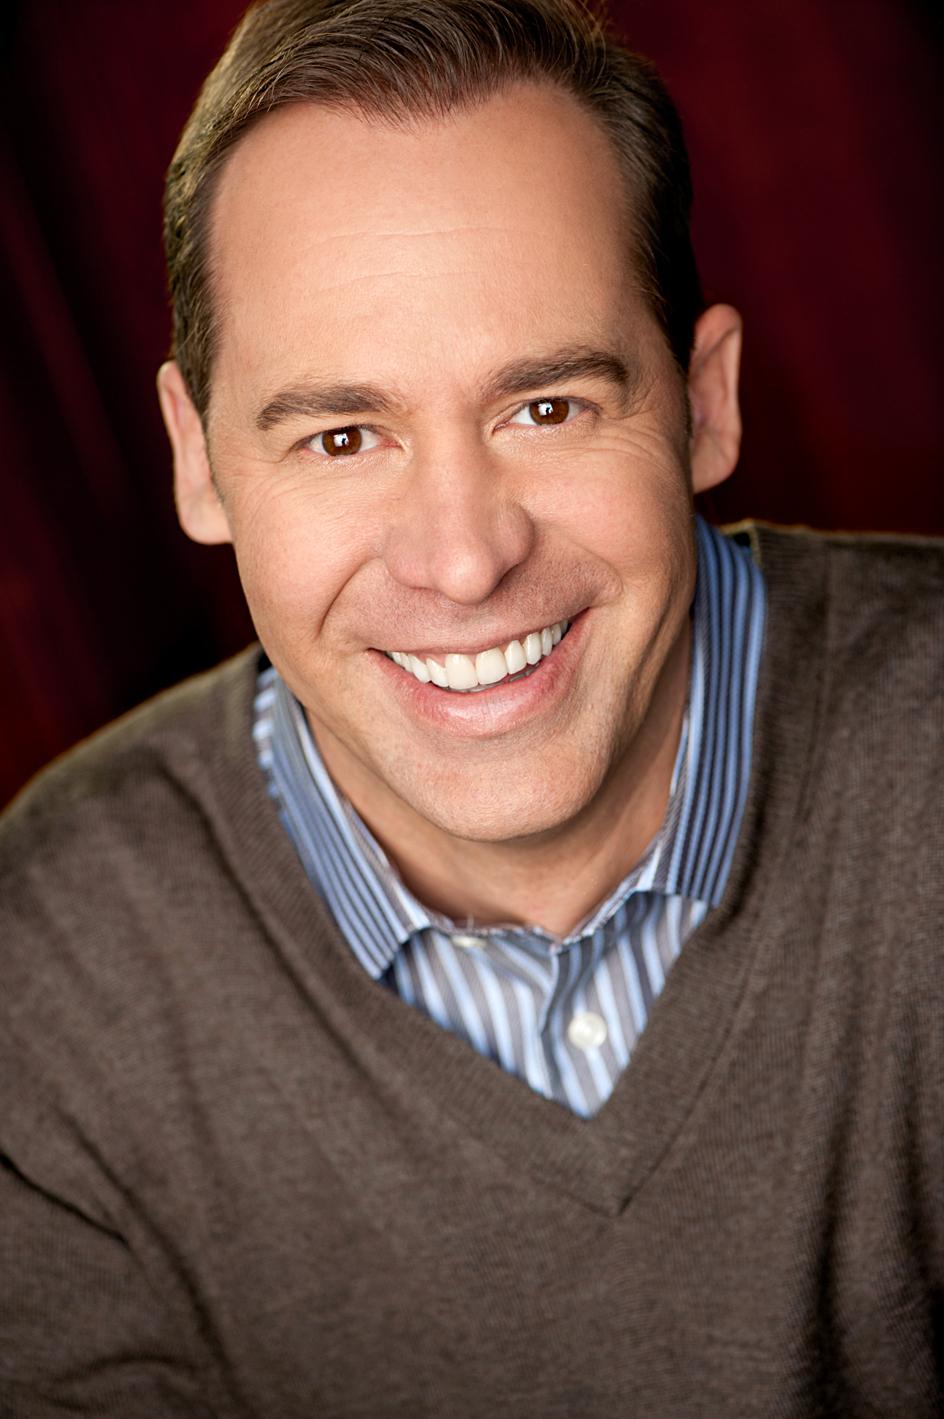 Todd Nasca